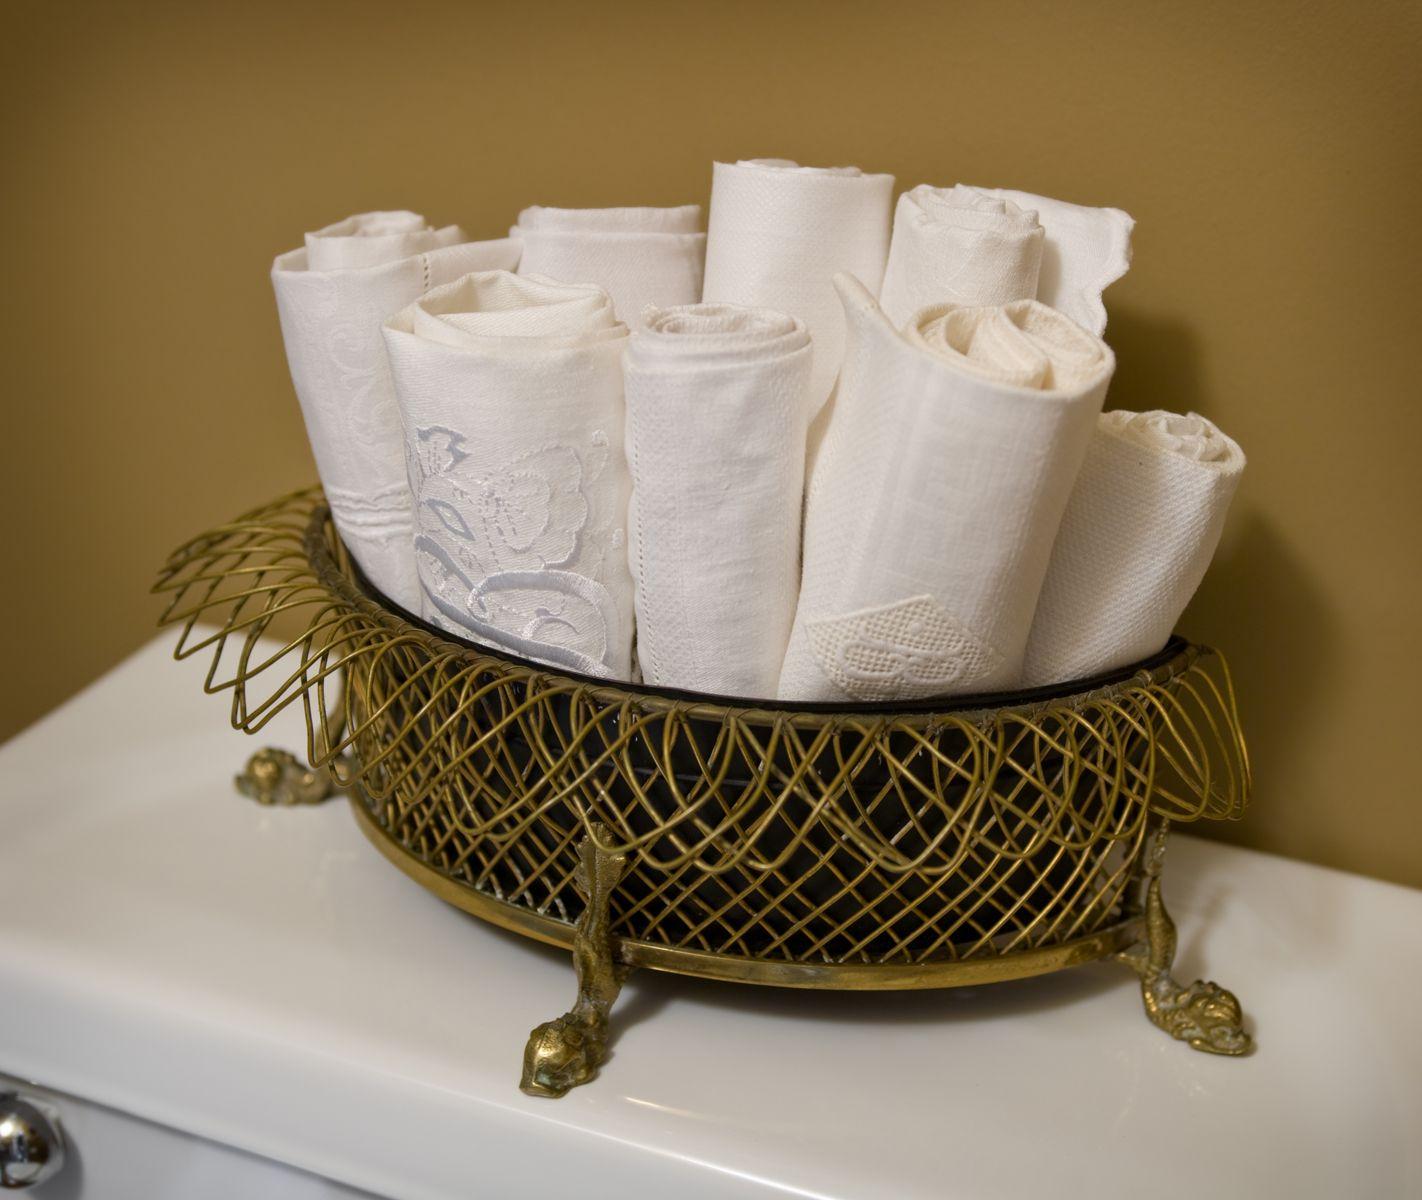 Mb 3616 Decorative Hand Towels Bathroom Towels Hand Towels